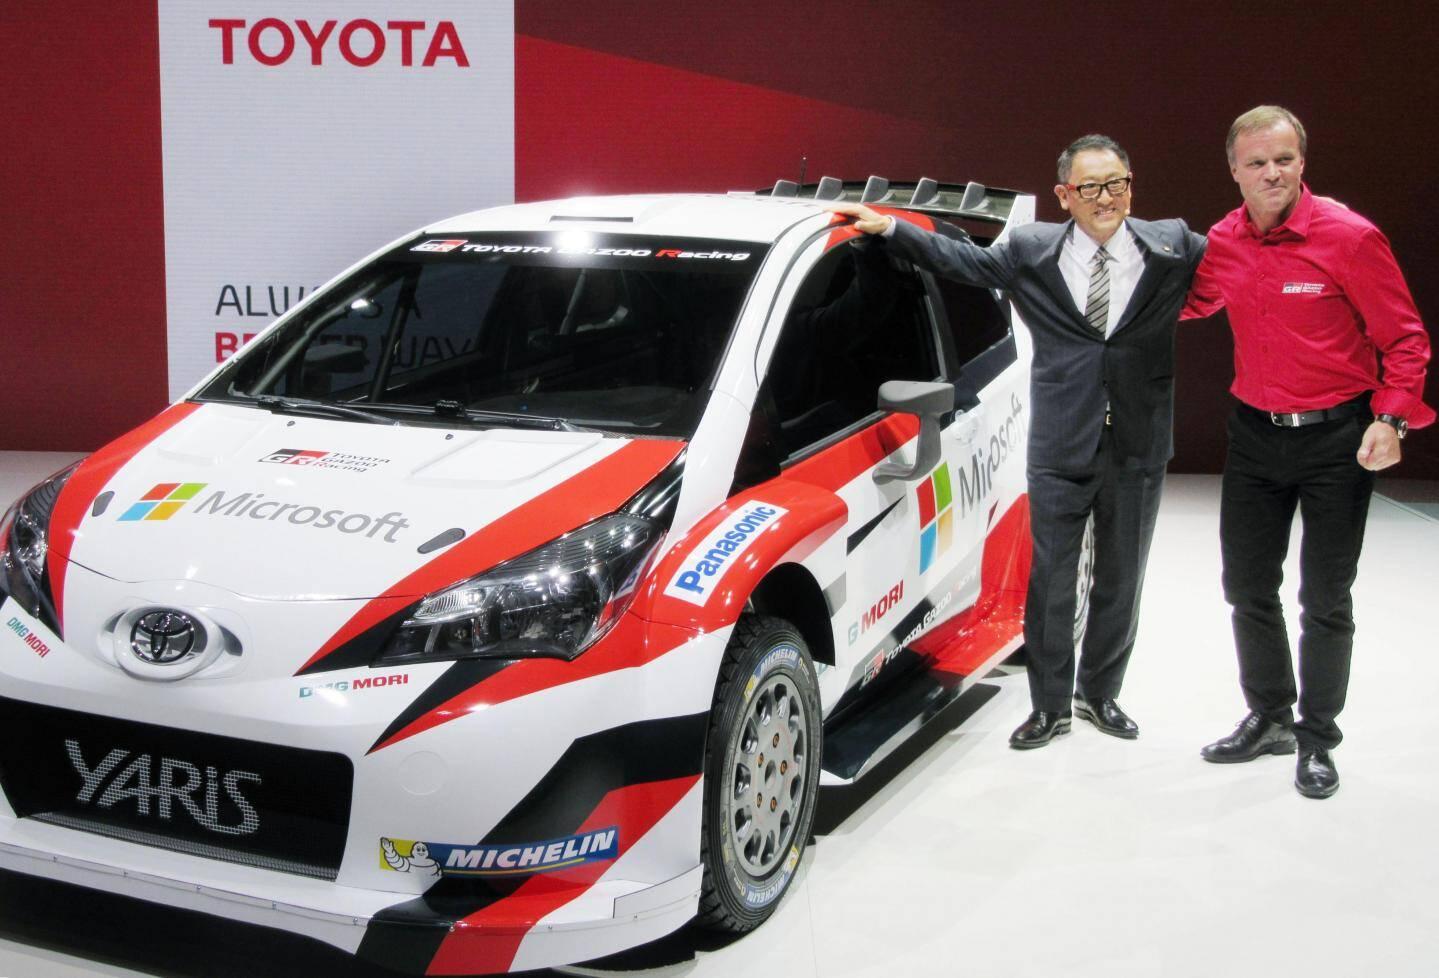 Présentée par Akio Toyoda, PDGde Toyota Motor Corporation, et Tommi Mäkinen, Team Principal, la Yaris attend ses pilotes.